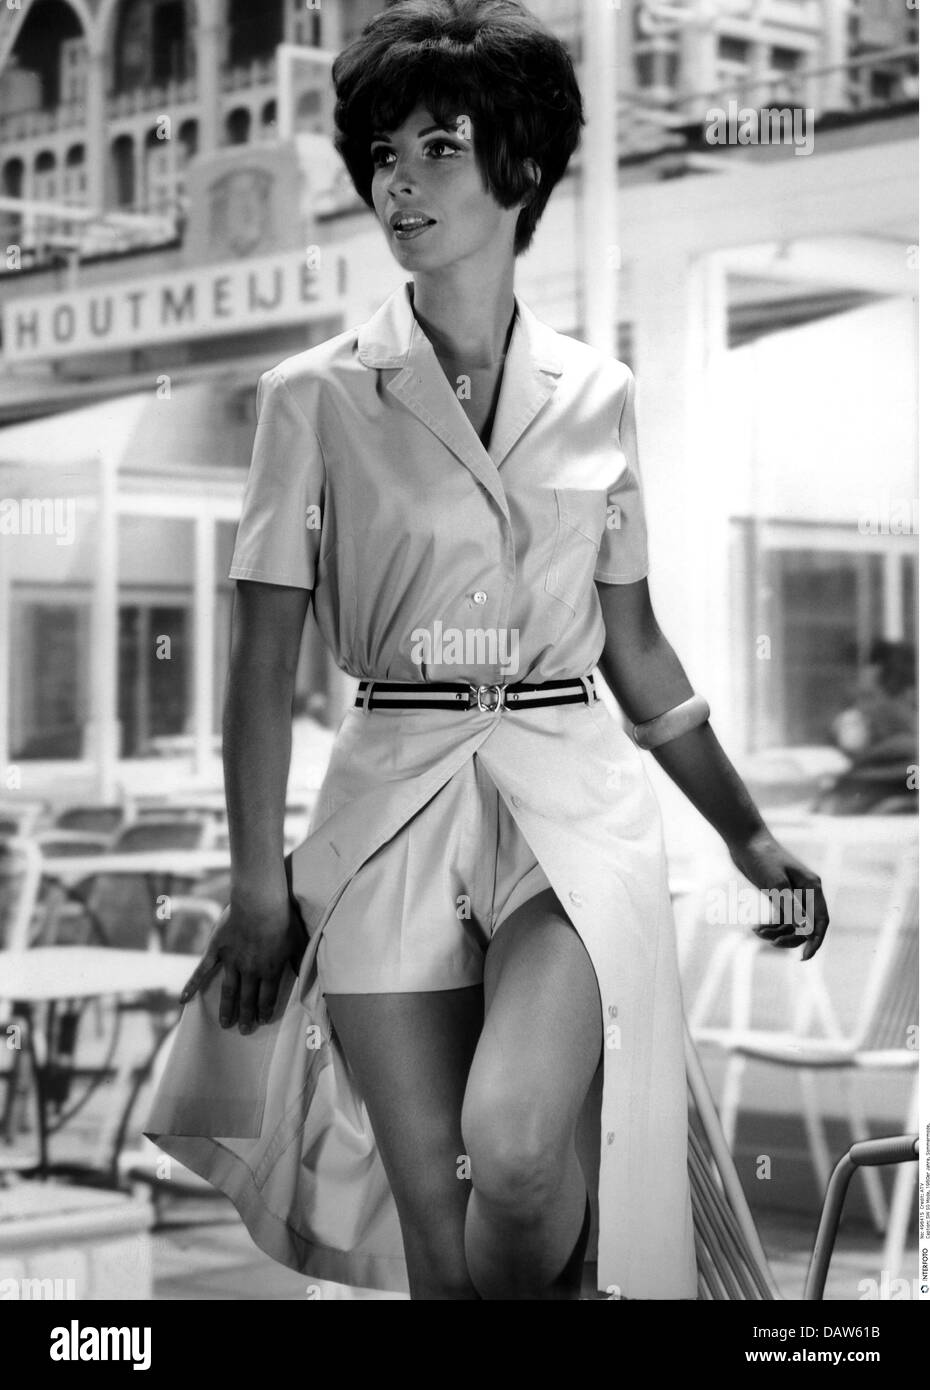 Mode 1960er Jahre Sommer Kollektion Modell Tragt Zweiteiler Hemd